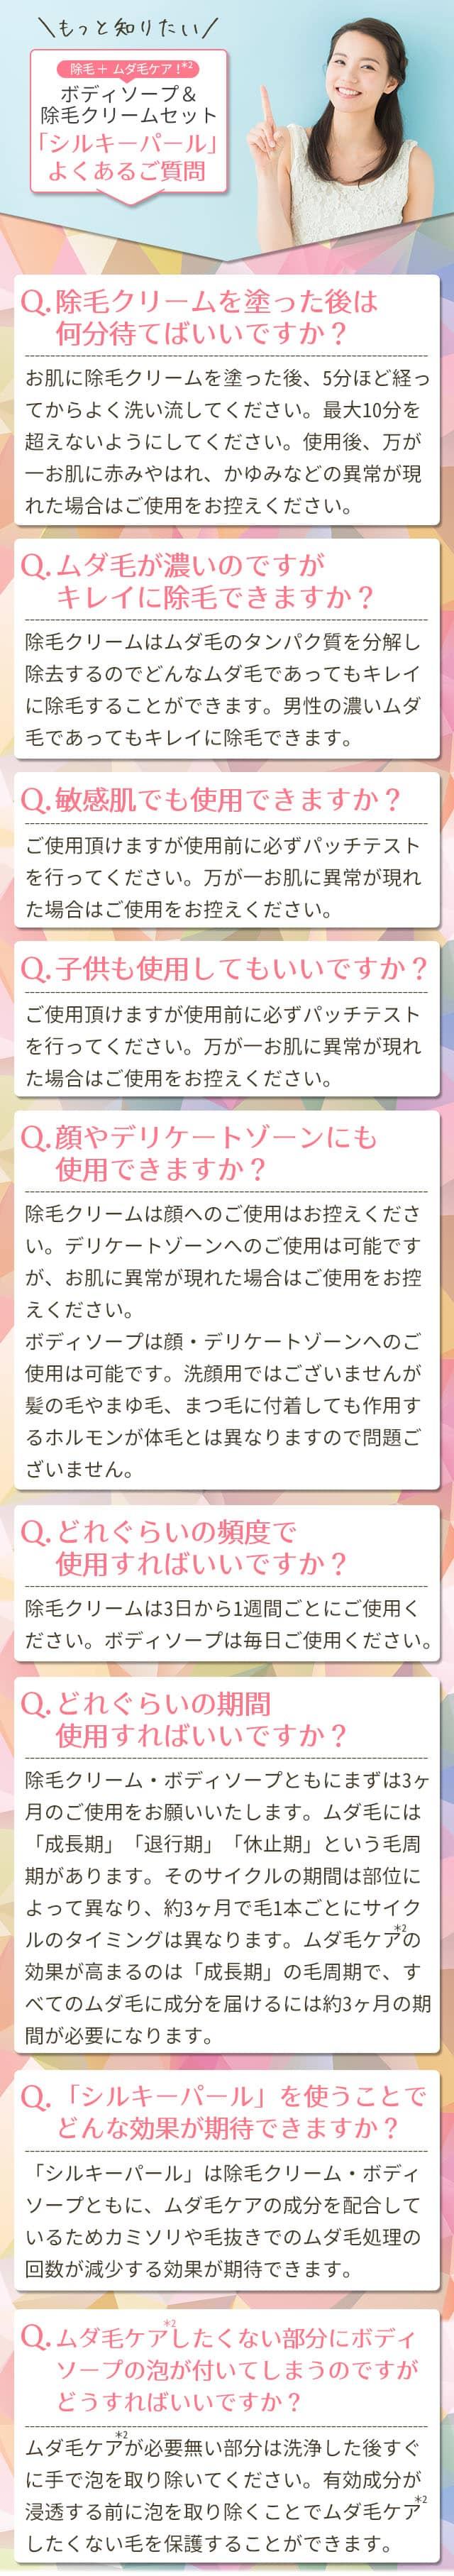 もっと知りたい!Q&A